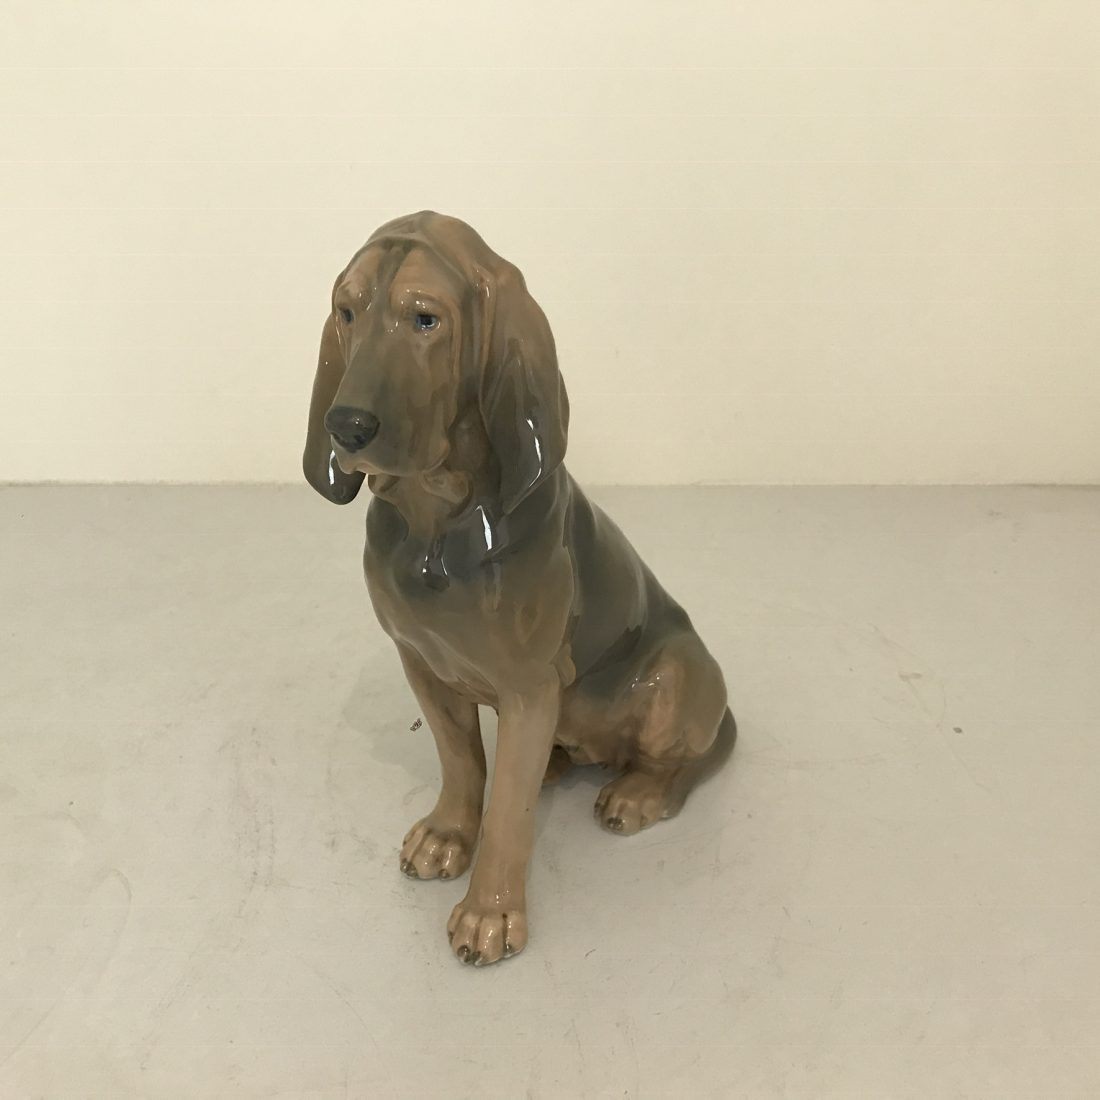 Royal Copenhagen porseleinen beeld van een hond